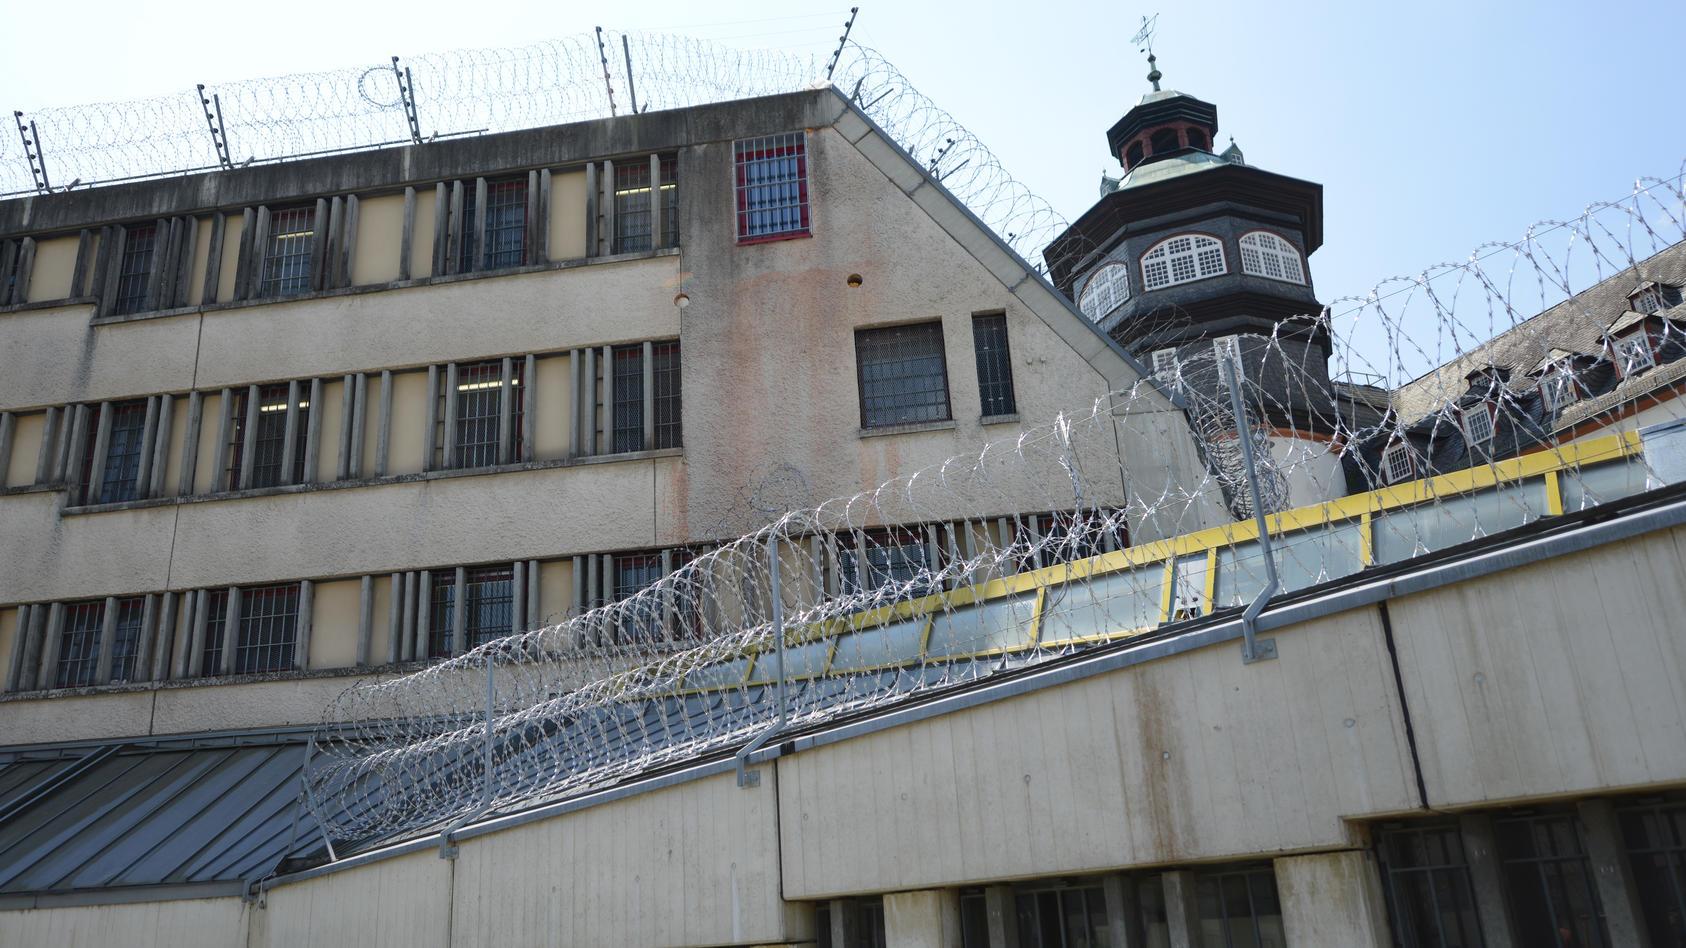 Auch in der Justizvollzugsanstalt Schwalmstadt (Hessen) werden Straftäter in Sicherheitsverwahrung untergebracht.